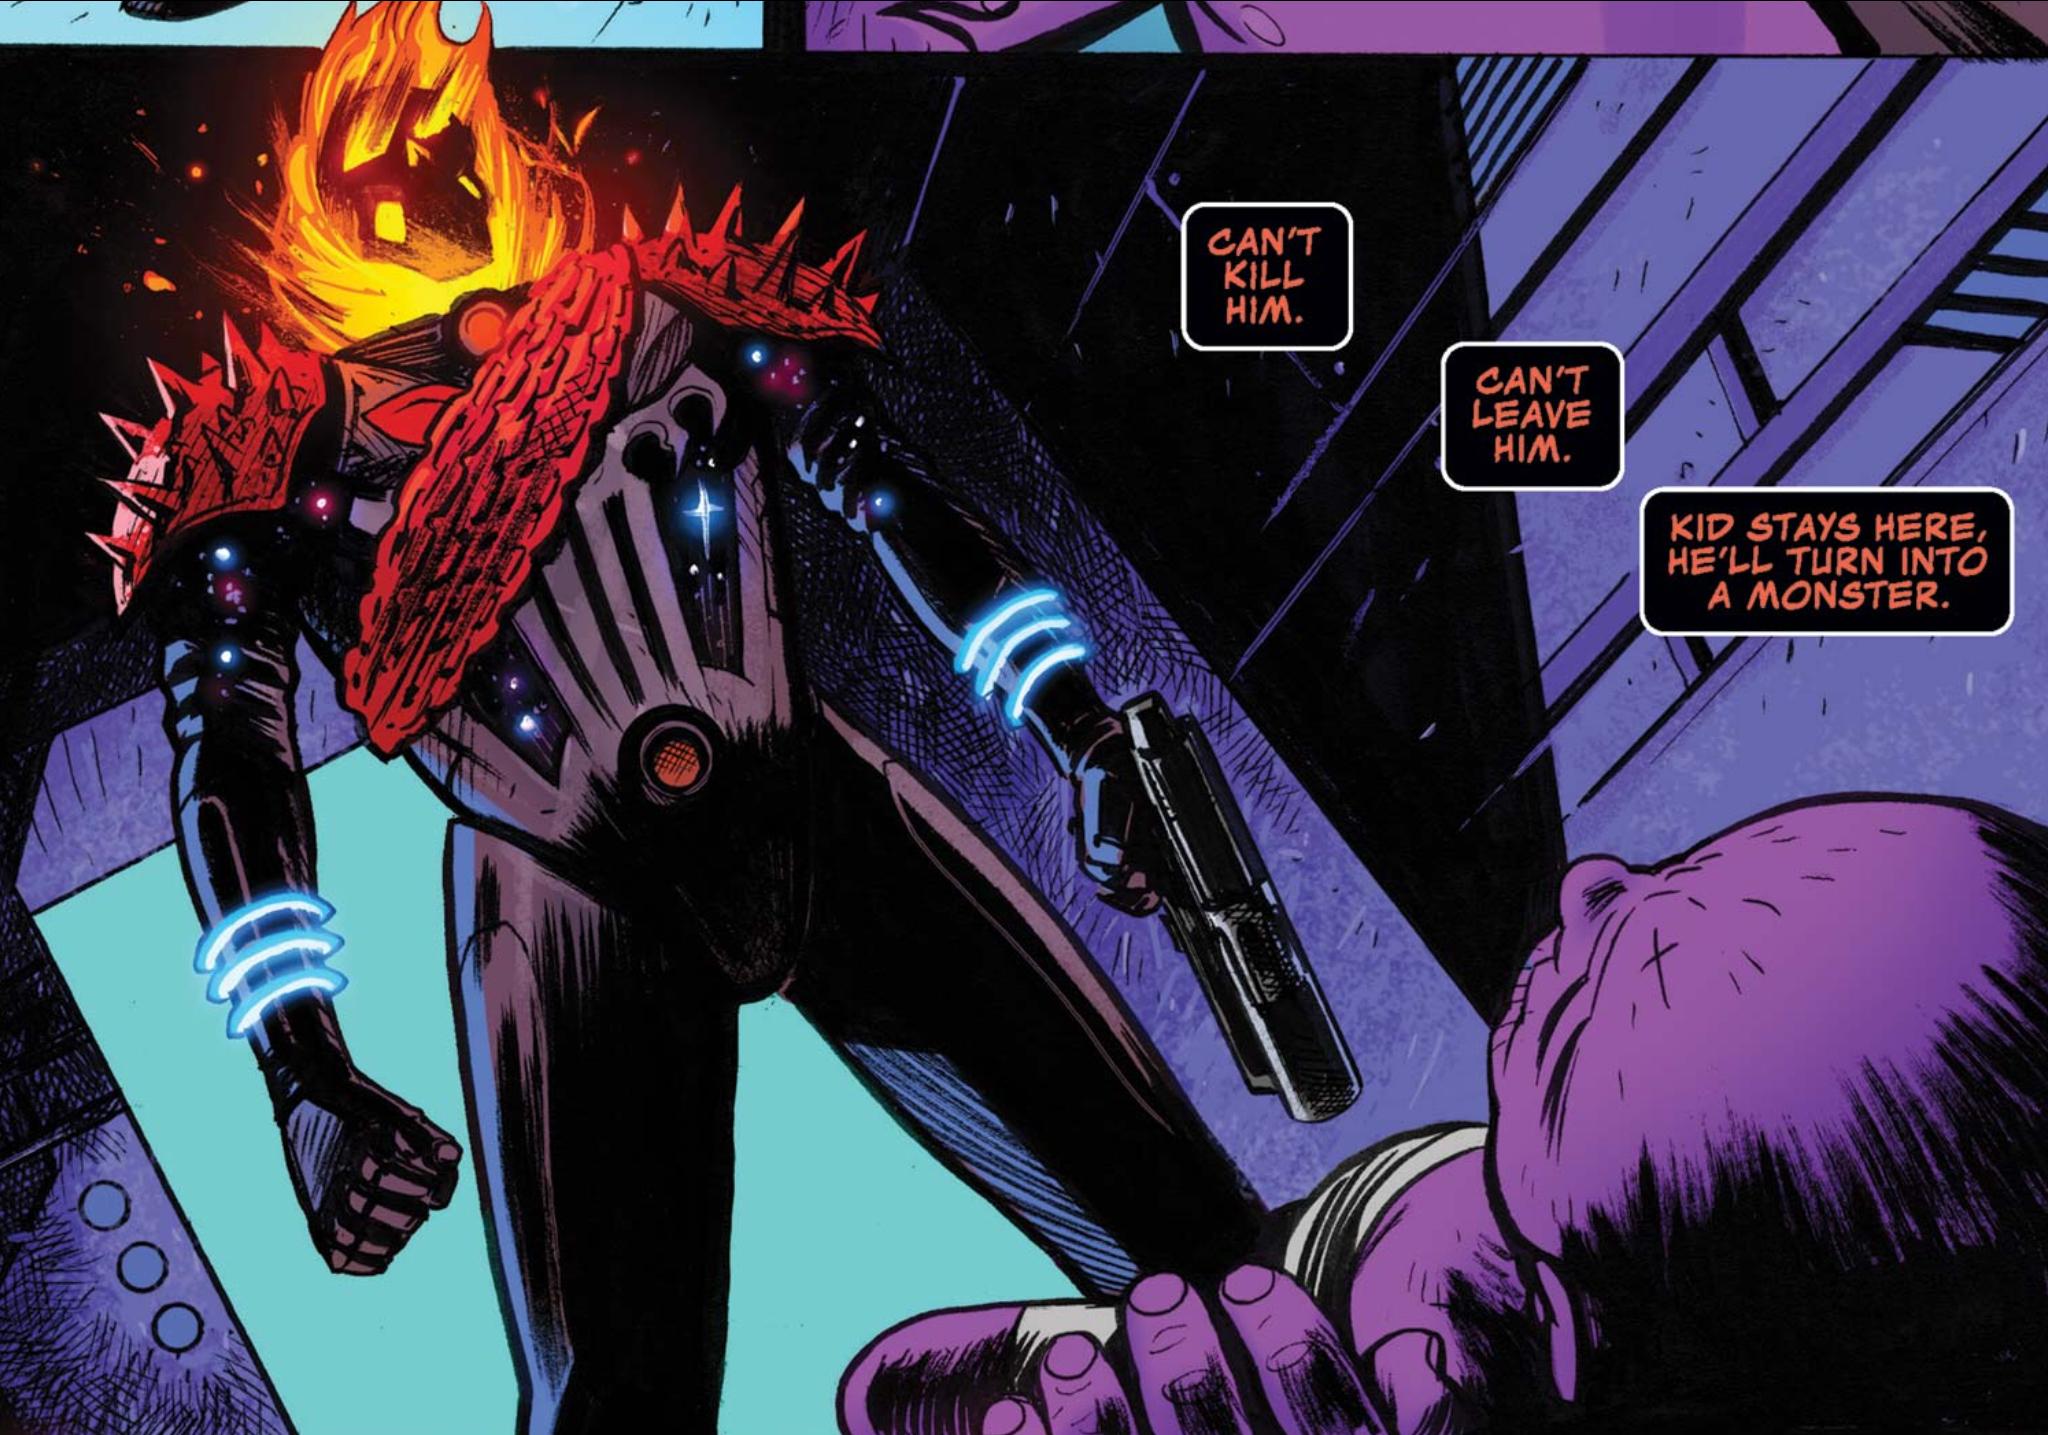 Avengers: Endgame guide: Easter eggs, spoilers, ending and